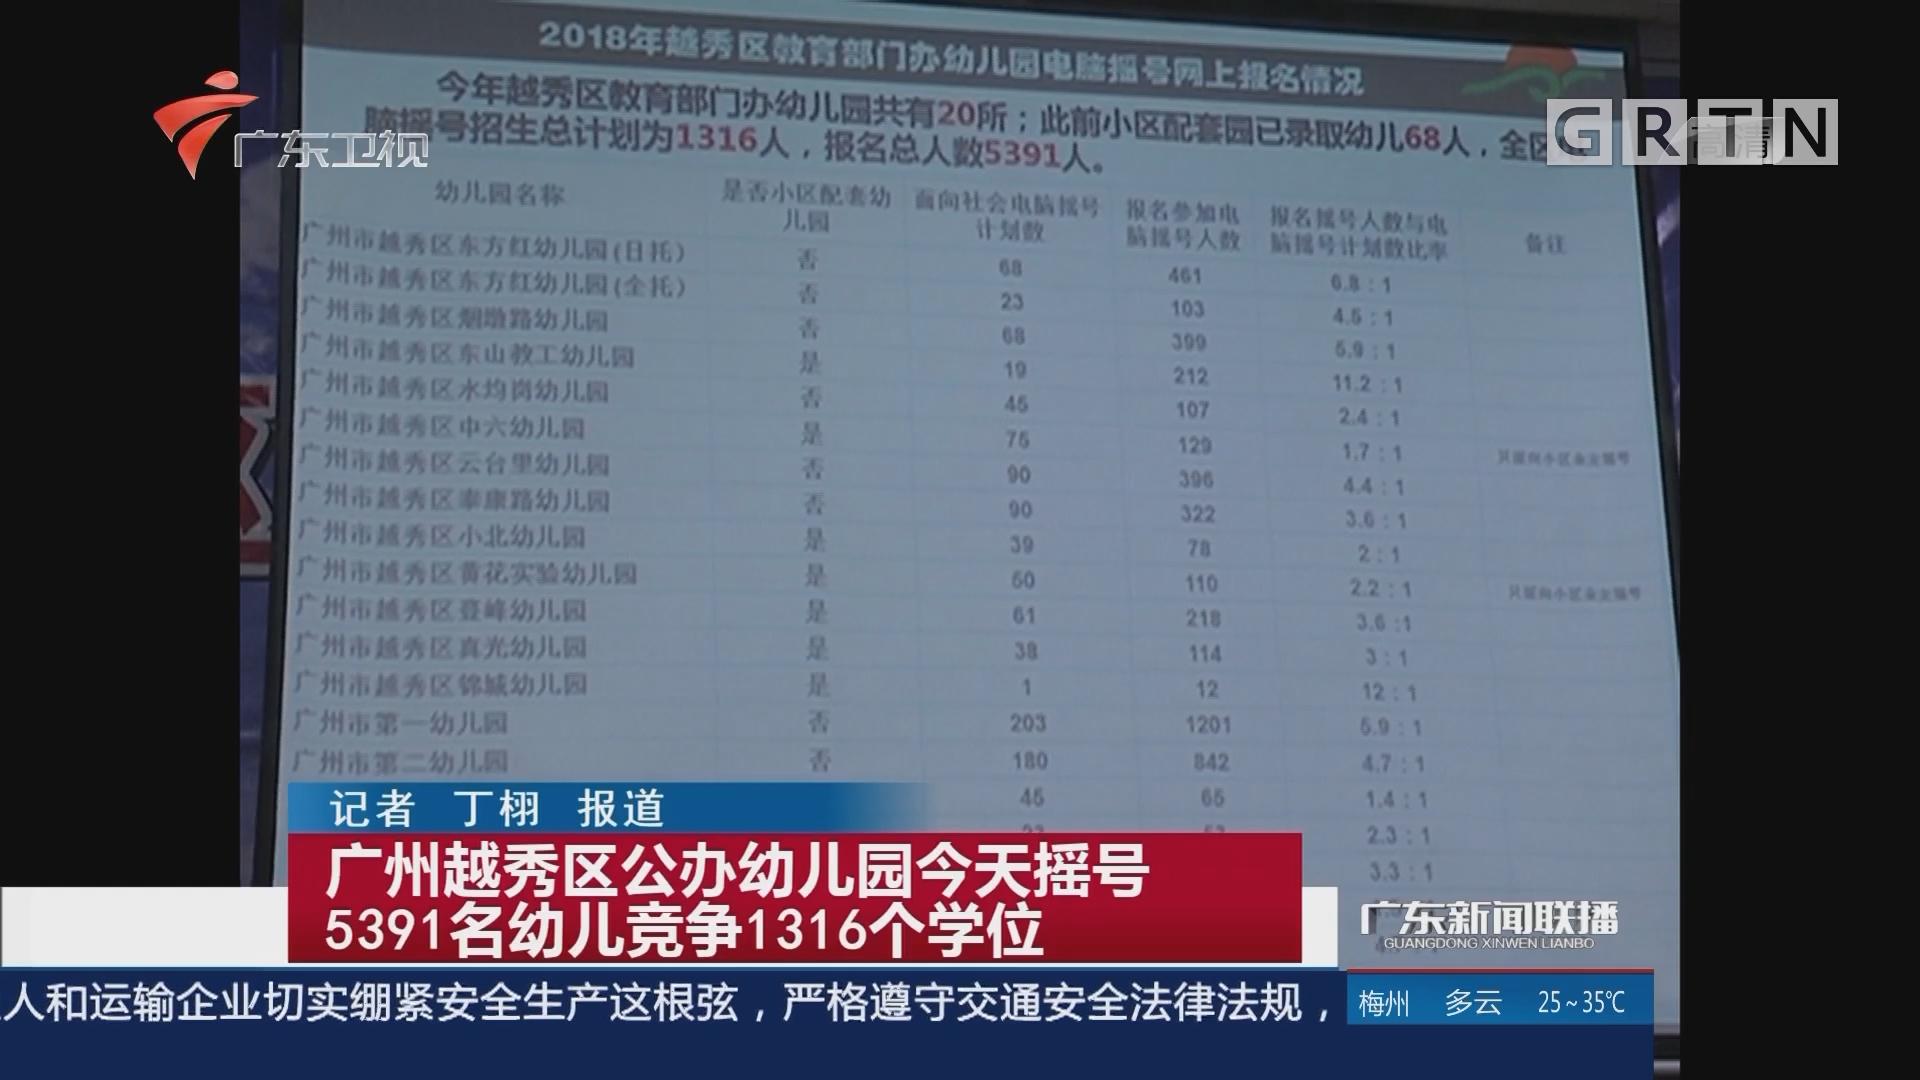 广州越秀区公办幼儿园今天摇号 5391名幼儿竞争1316个学位